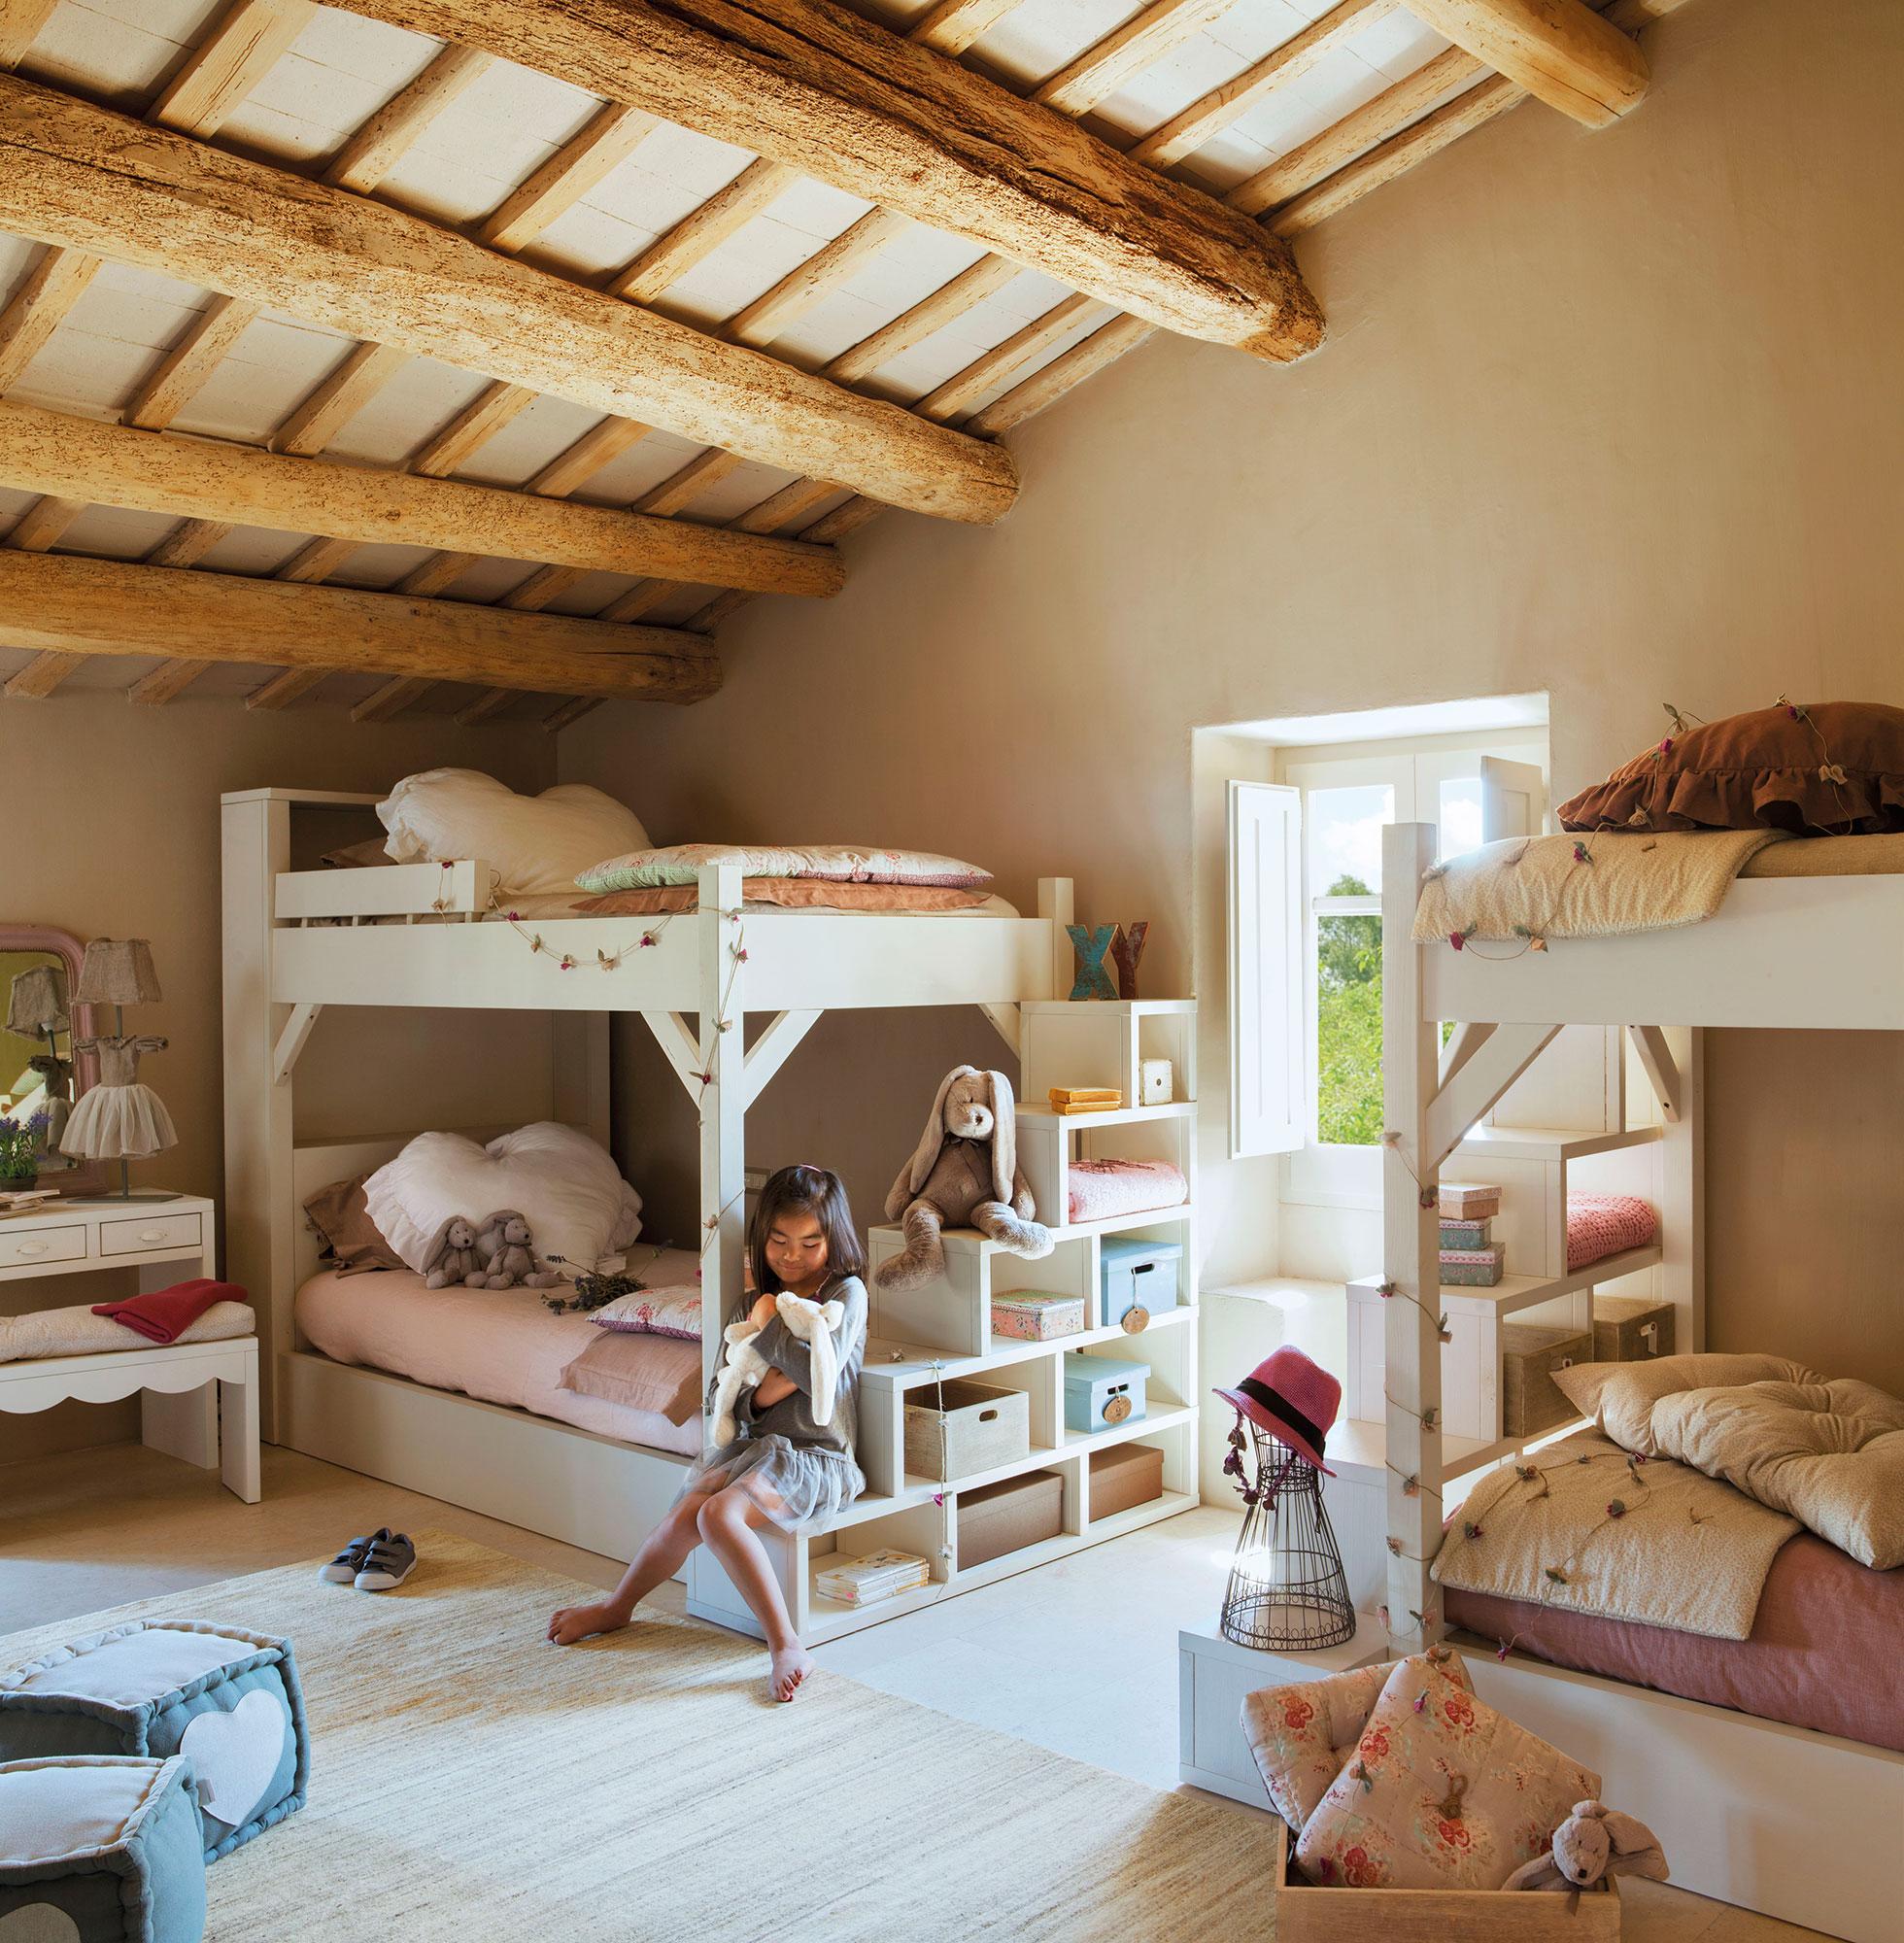 Claves para decorar la habitaci n de los ni os de beb a adolescente